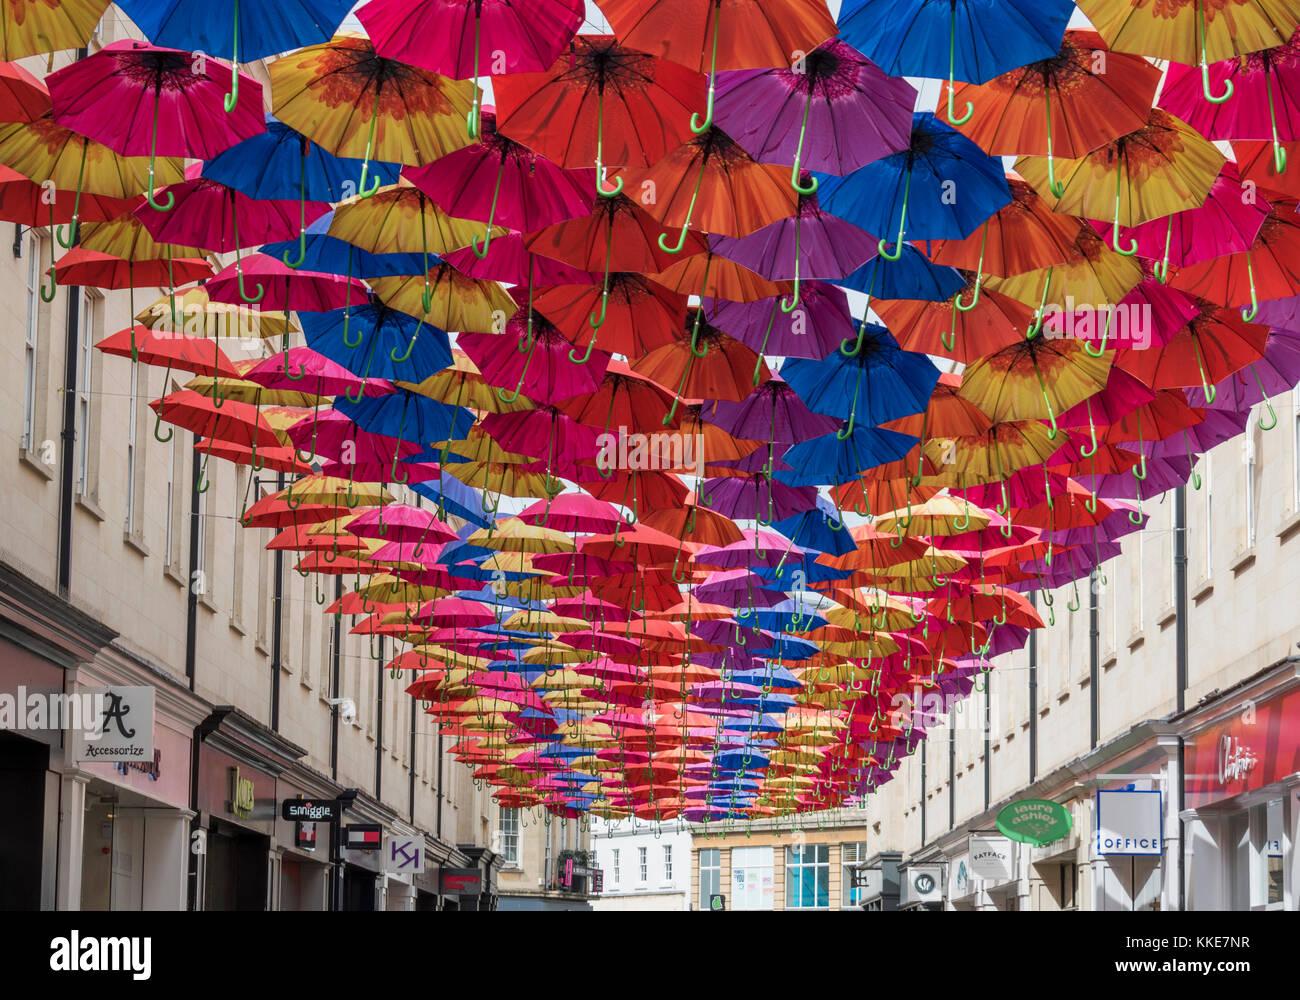 Paraguas abiertos de los cables colgando por encima del centro comercial del área de Southgate de la ciudad de Bath. Foto de stock